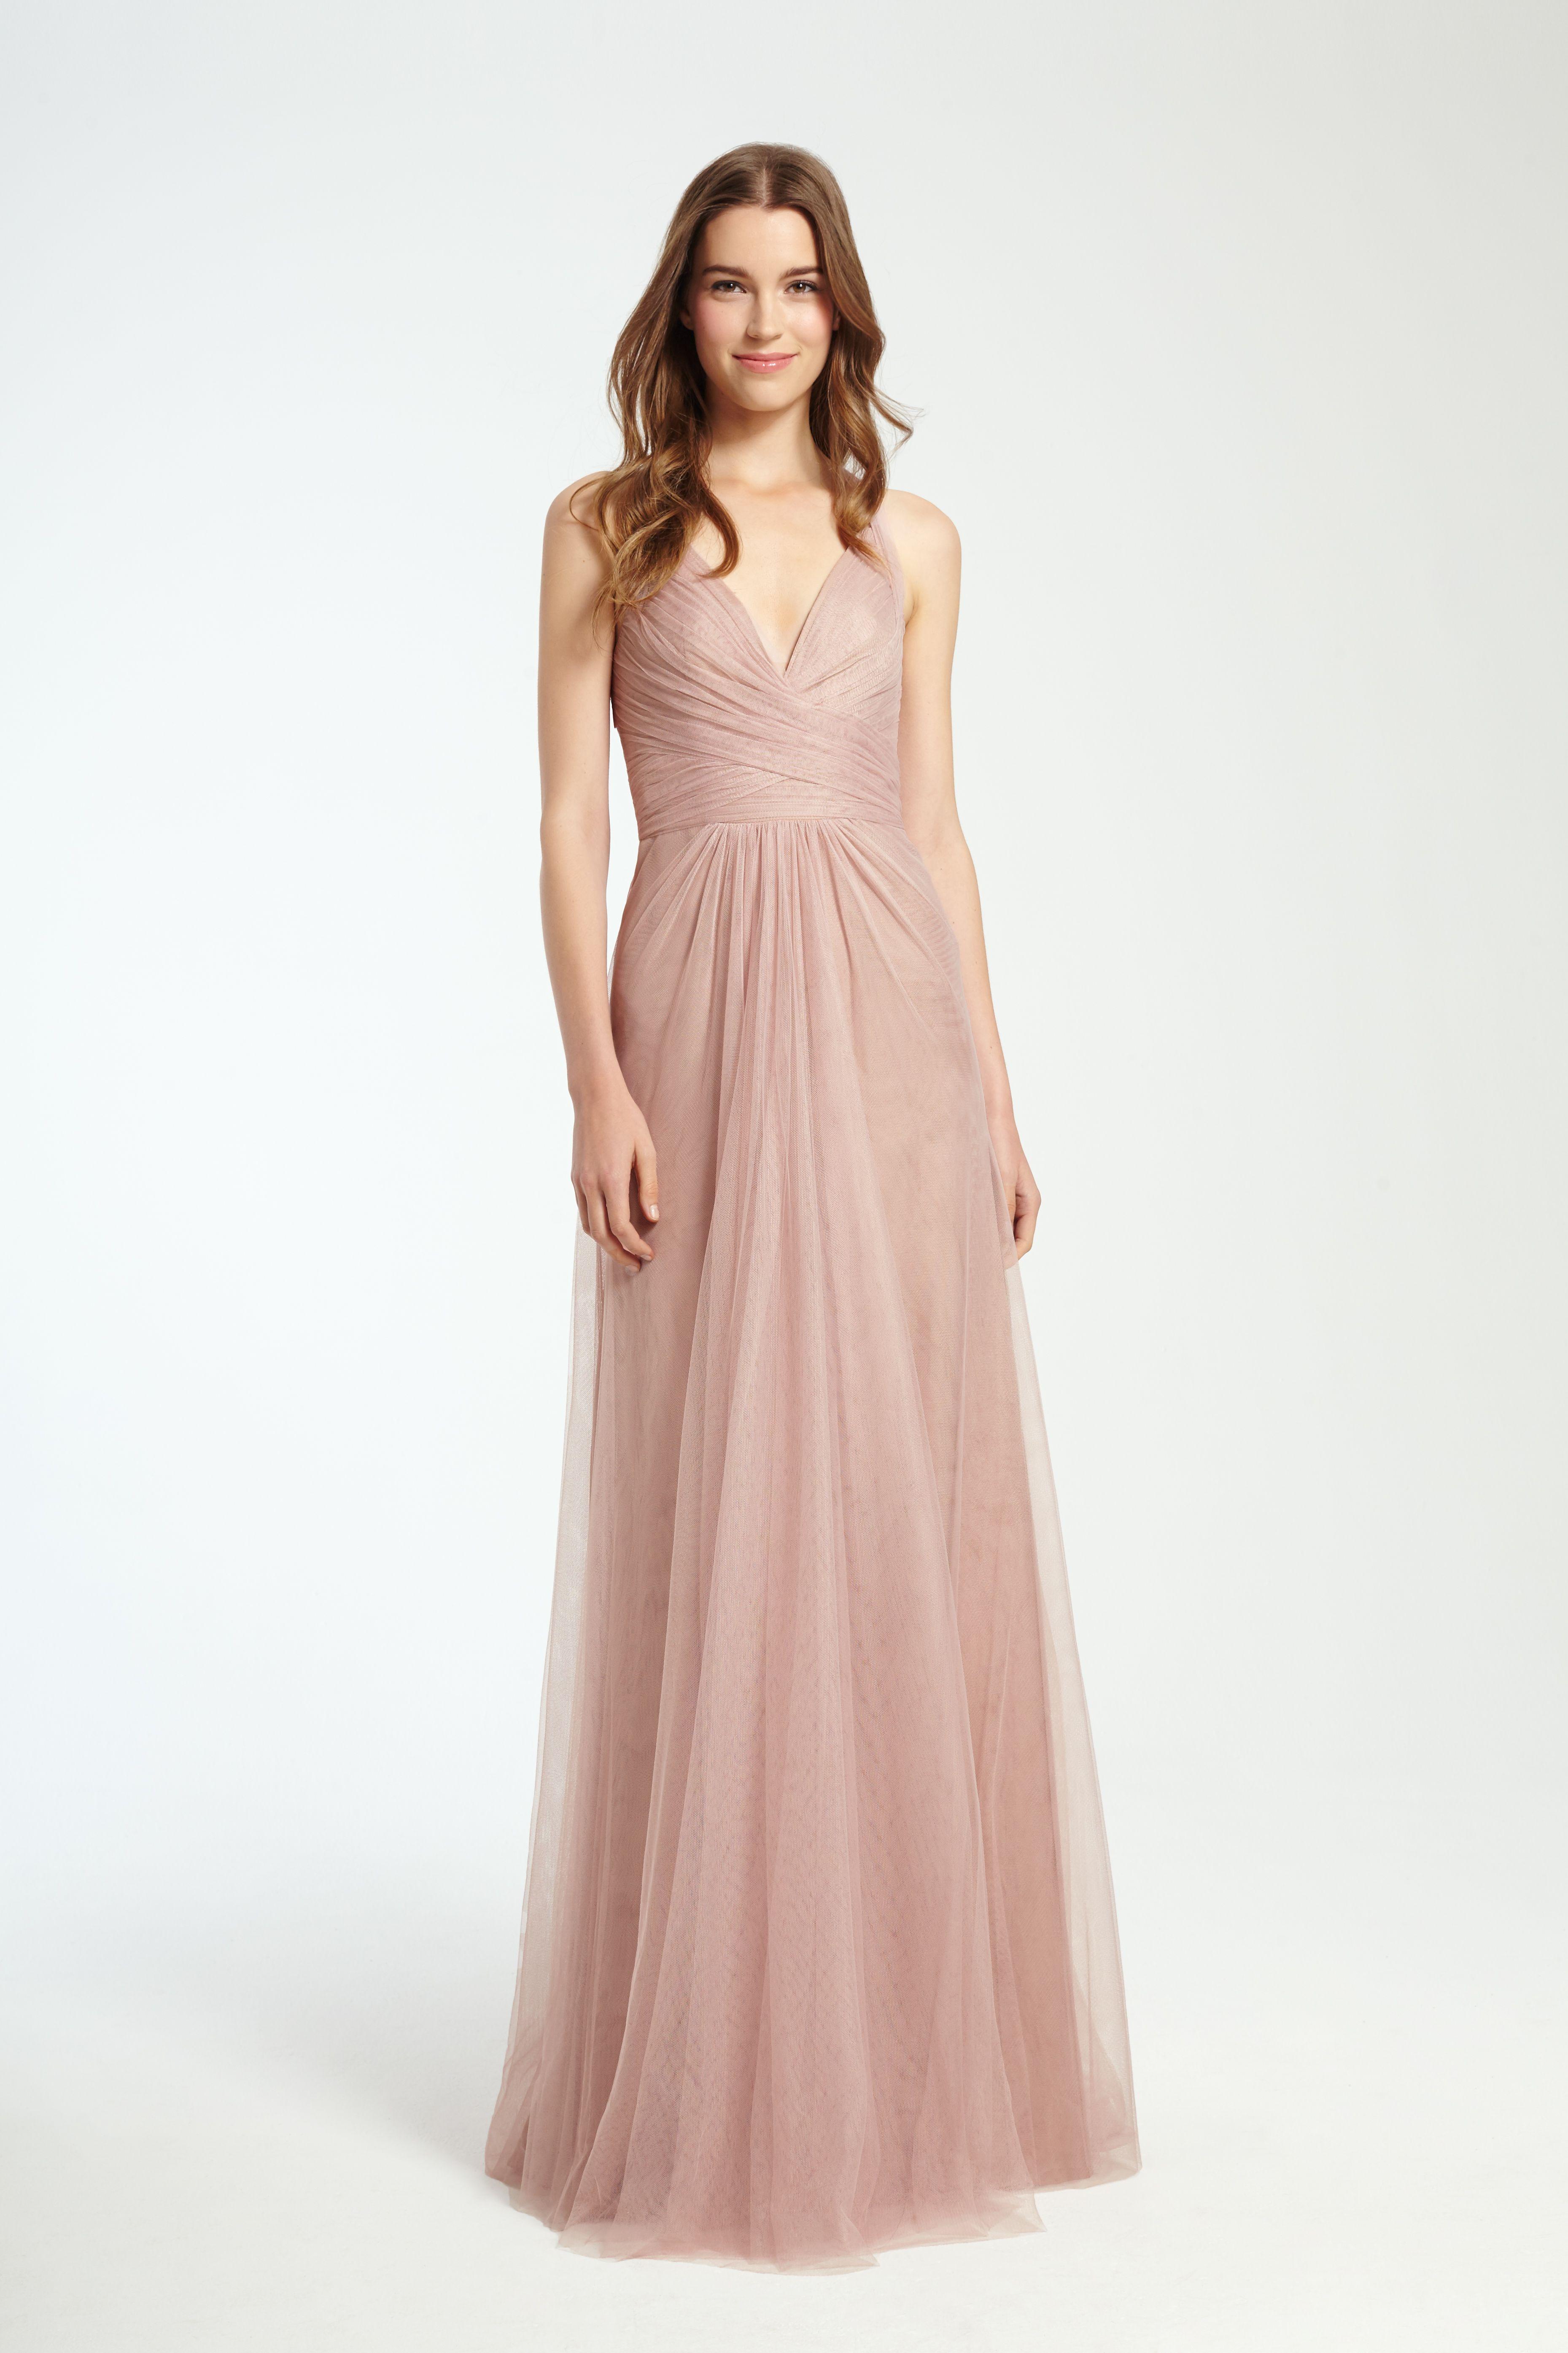 450361 | Bridesmaid Dresses | Pinterest | Boda y Vestiditos